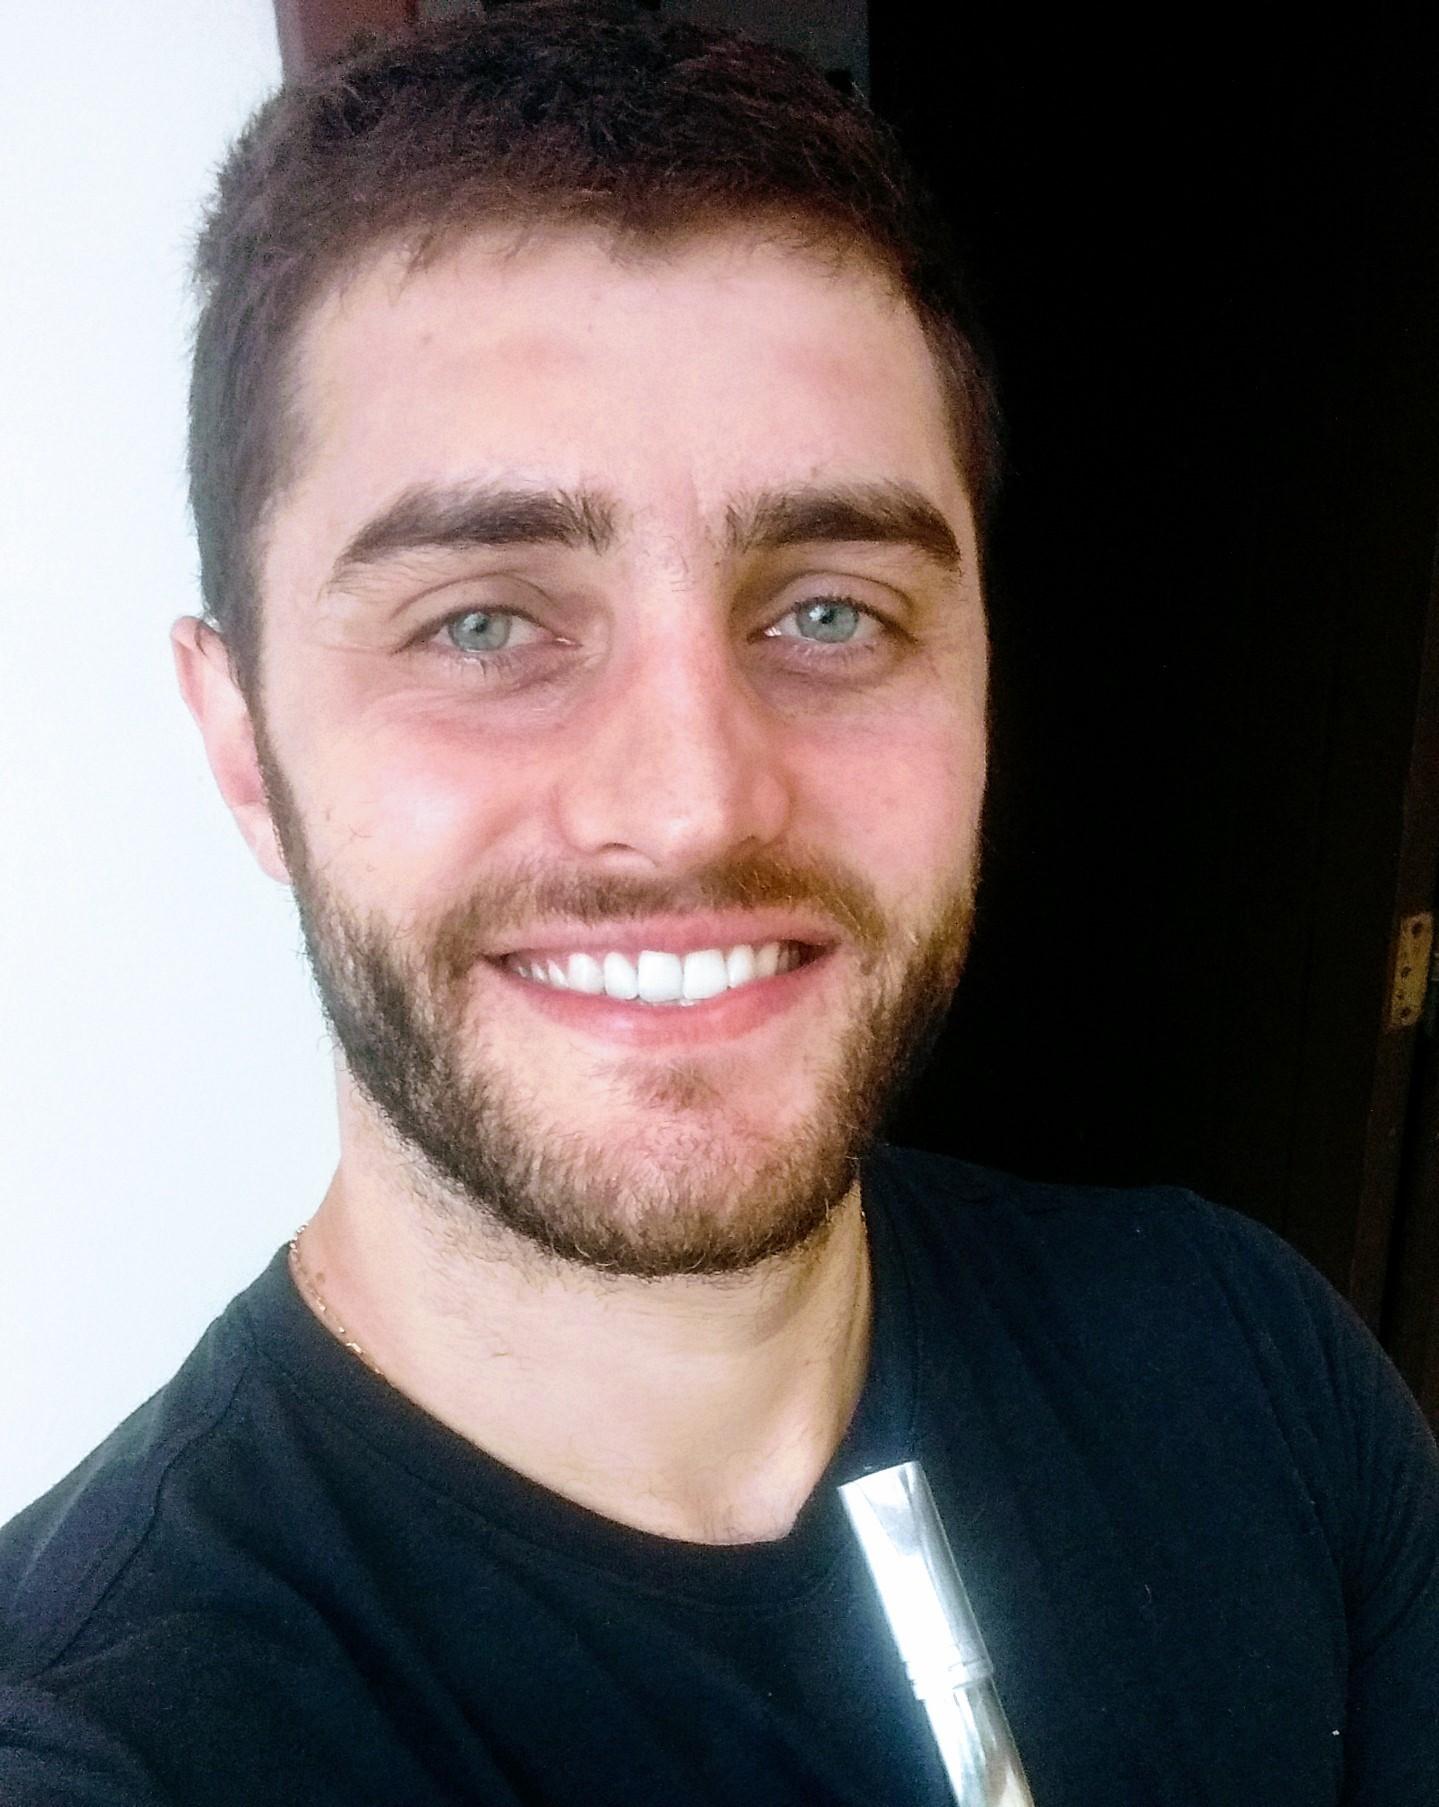 ENTREVISTA: Renan Brendler Grando - Aprovado em 1º lugar no concurso SEFAZ RS para o cargo de Auditor-Fiscal da Receita Estadual